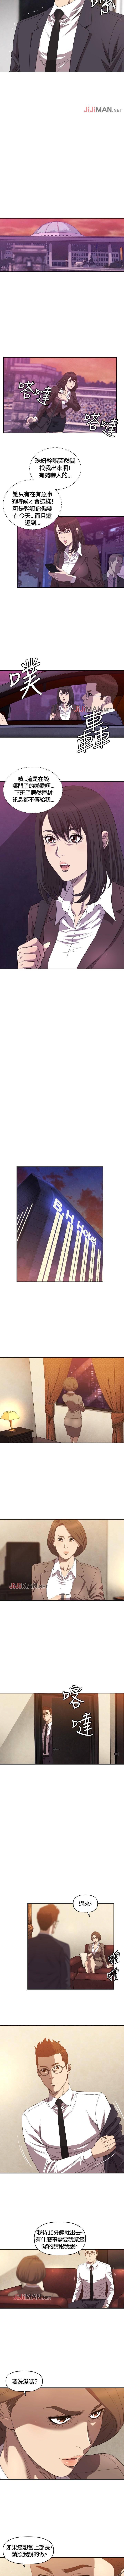 【已完结】索多玛俱乐部(作者:何藝媛&庫奈尼) 第1~32话 42